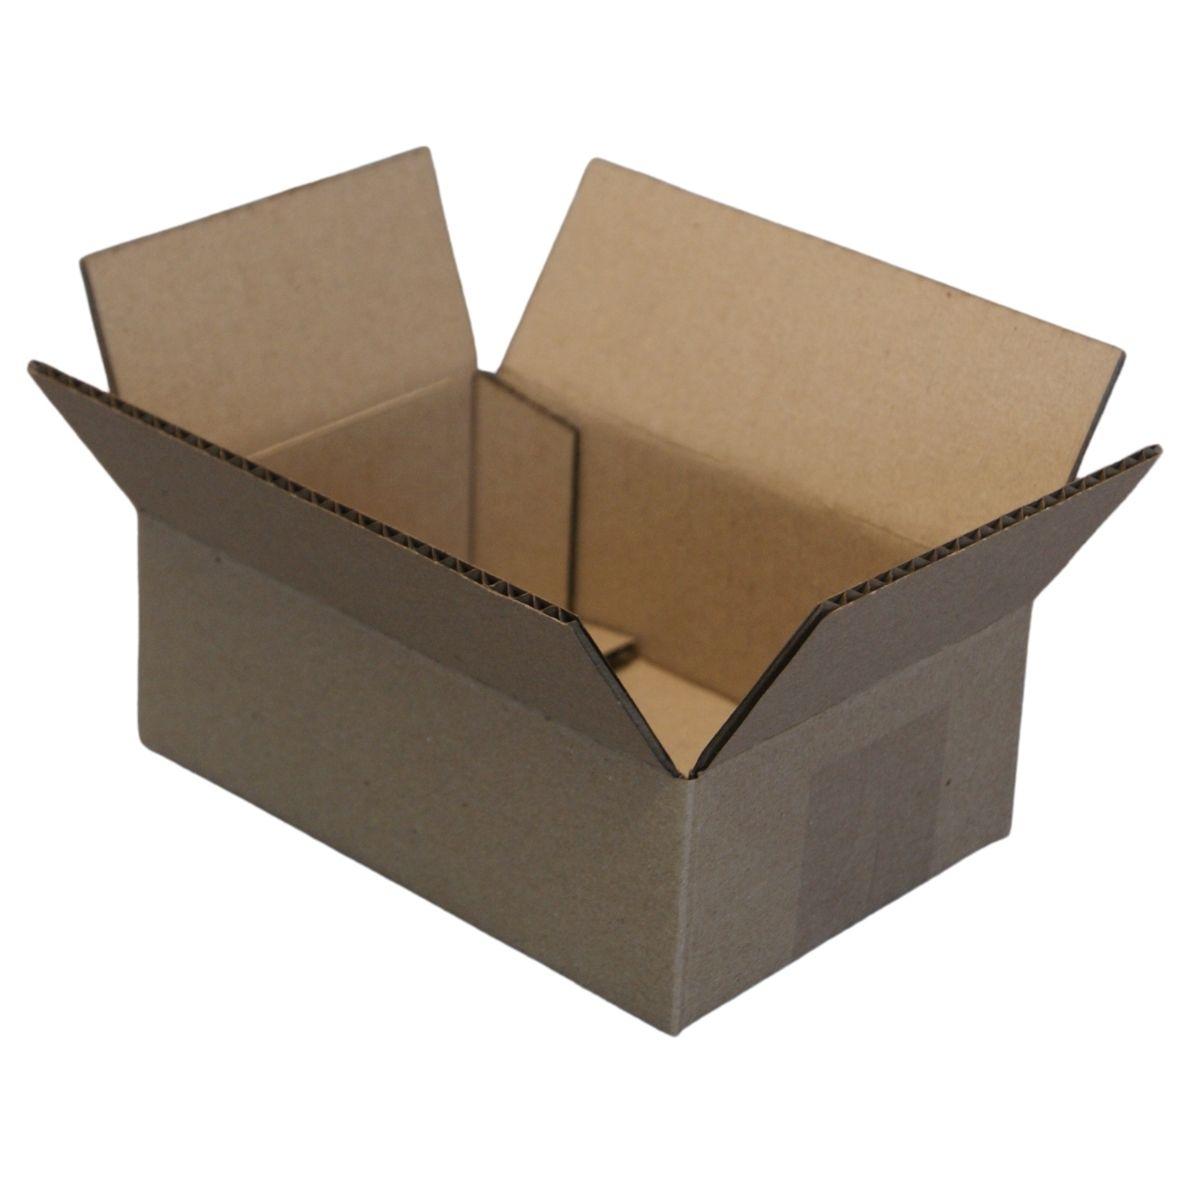 500 Caixas de Papelao (16X11X6)cm - Sedex / Pac / Correios